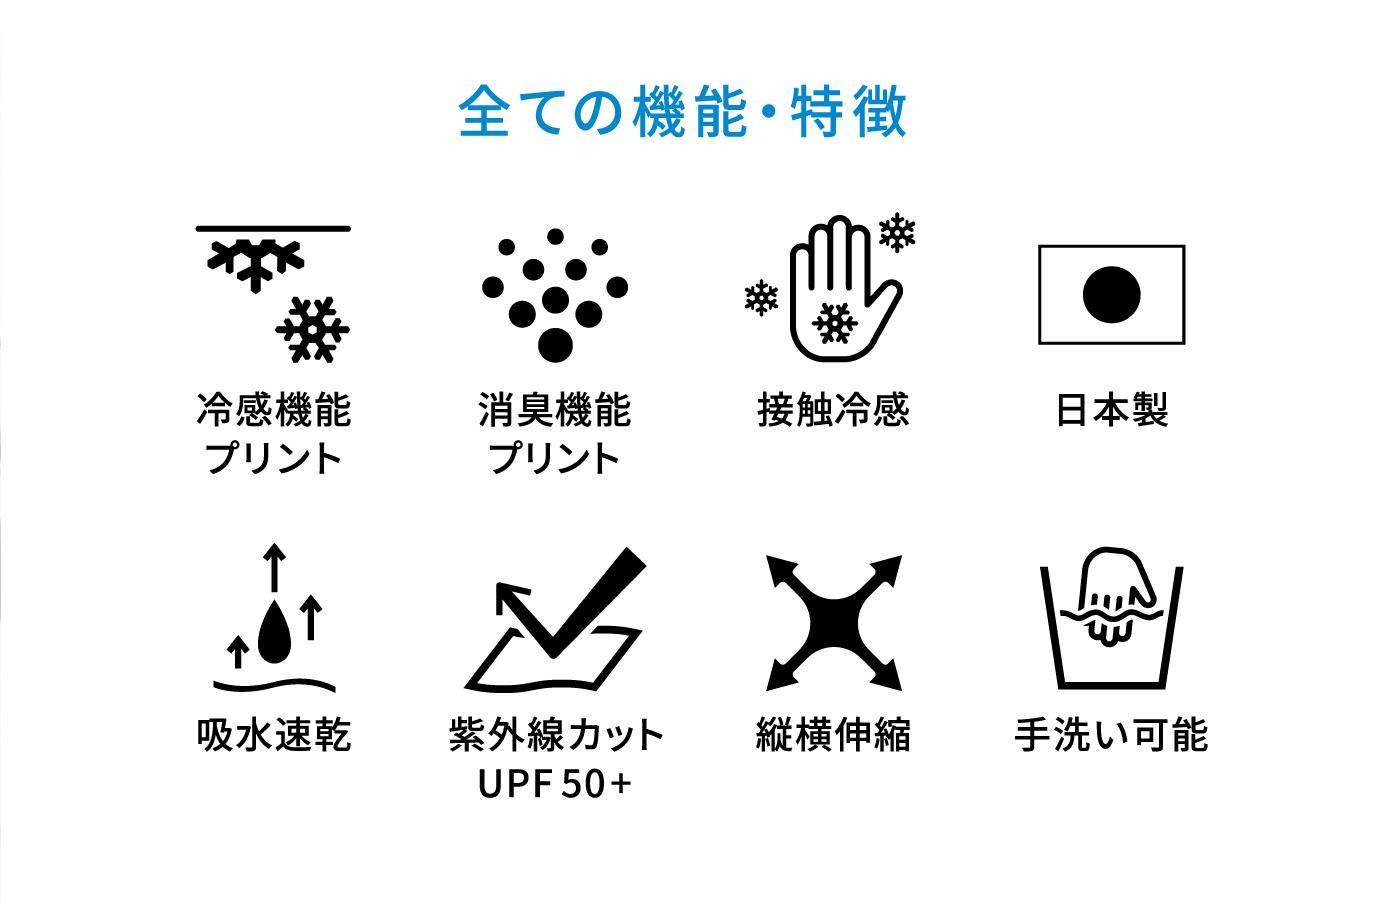 全ての機能・特徴 冷感機能プリント・消臭機能プリント・接触冷感・日本製・吸水速乾・紫外線カットUPF50+・縦横伸縮・手洗い可能